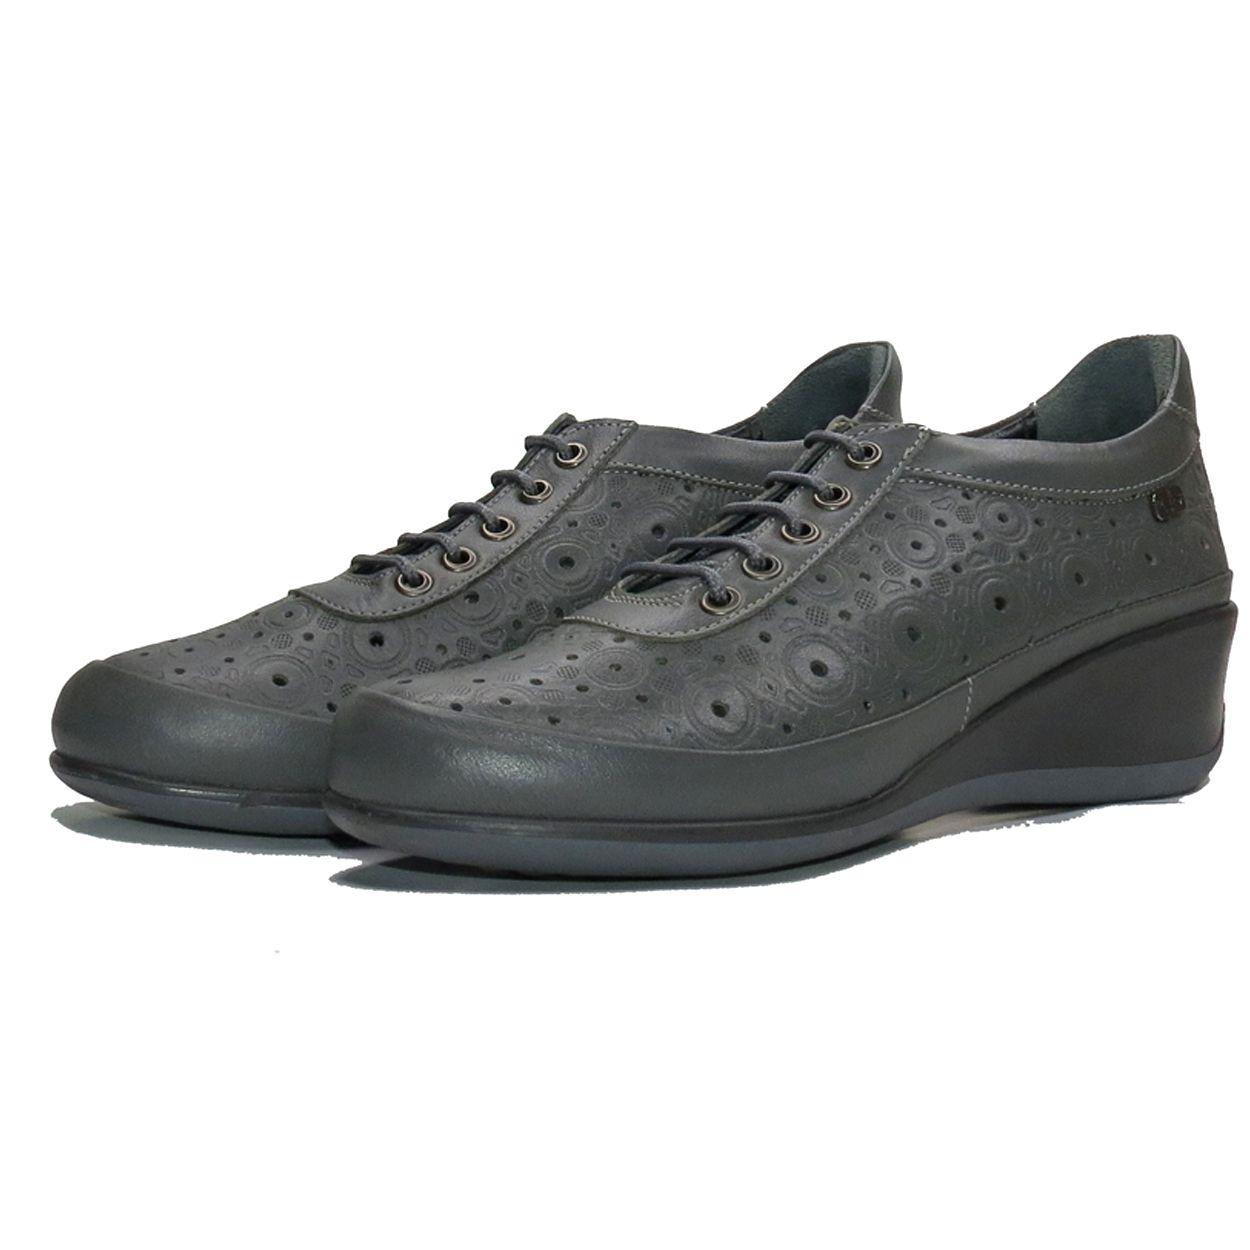 کفش روزمره زنانه آر اند دبلیو مدل 538 رنگ طوسی -  - 5